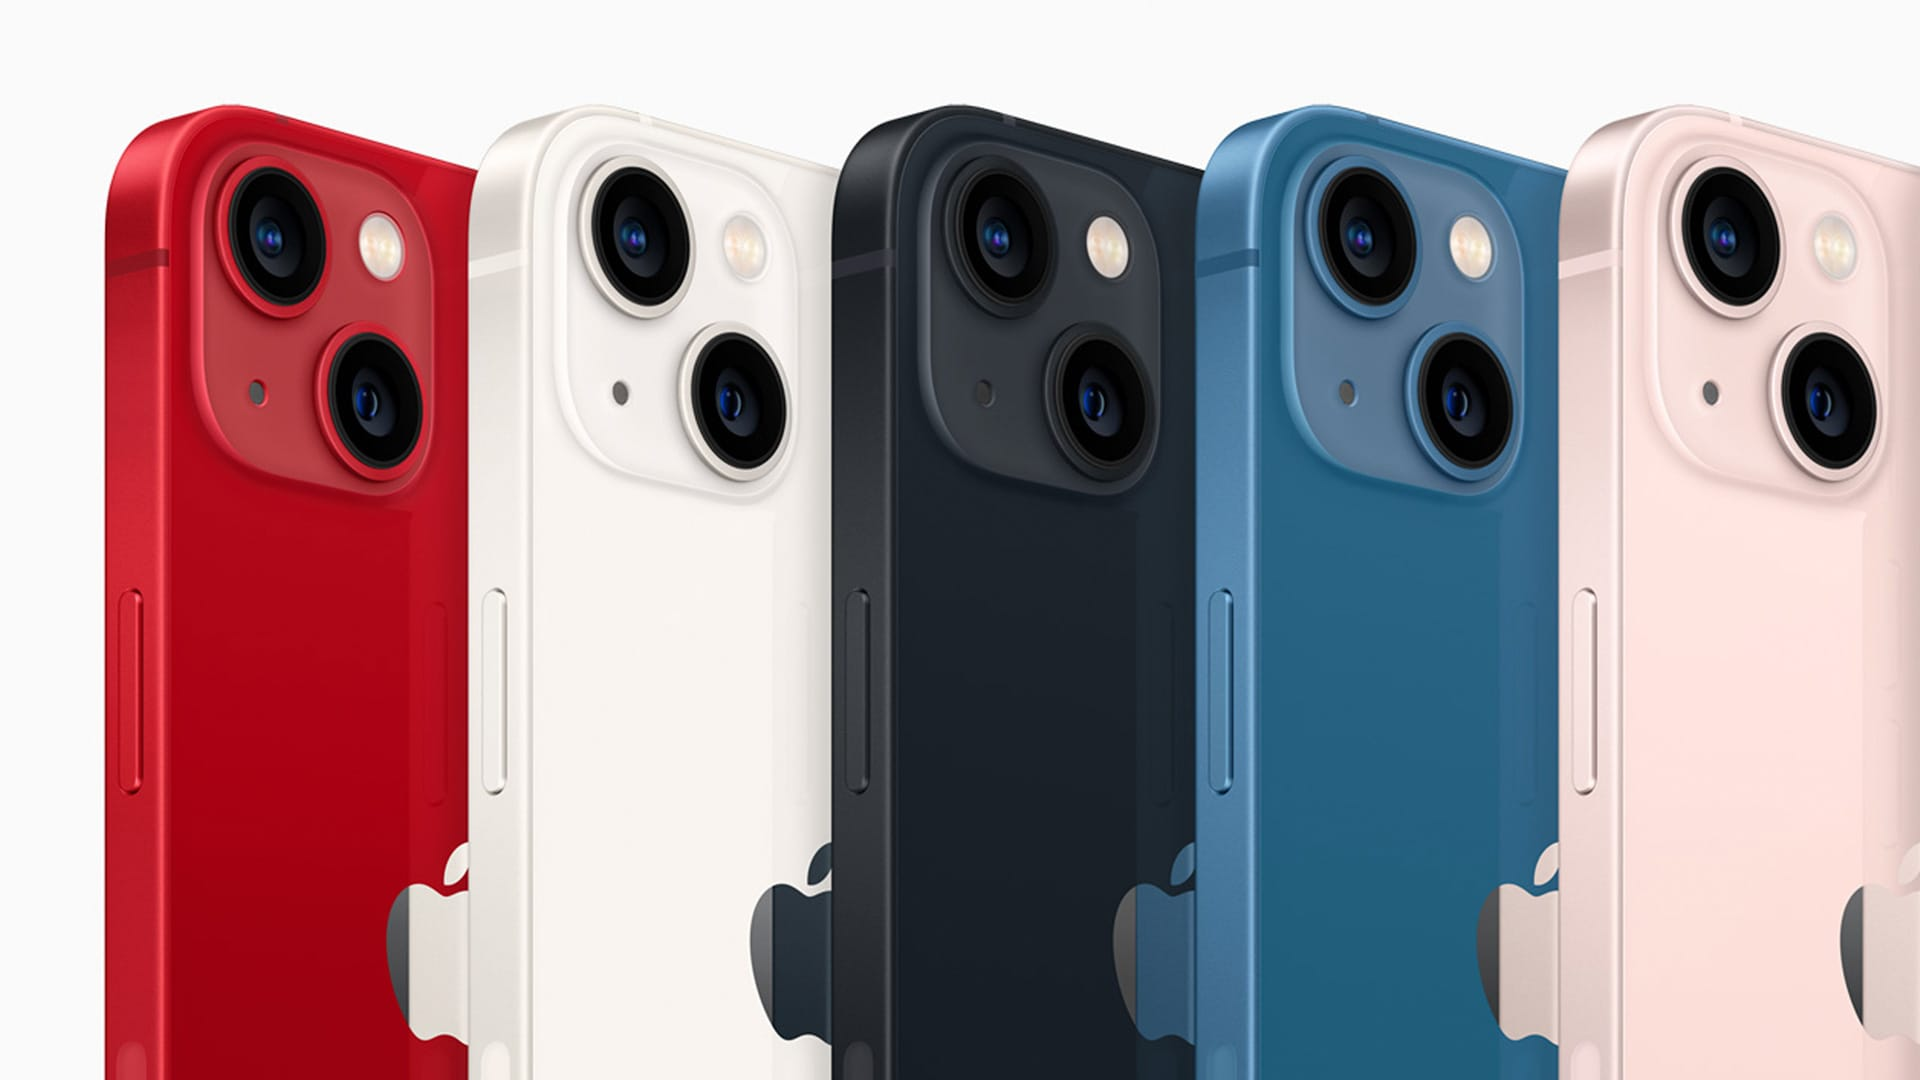 Comprar el iPhone 13 en Vodafone: precios y ofertas